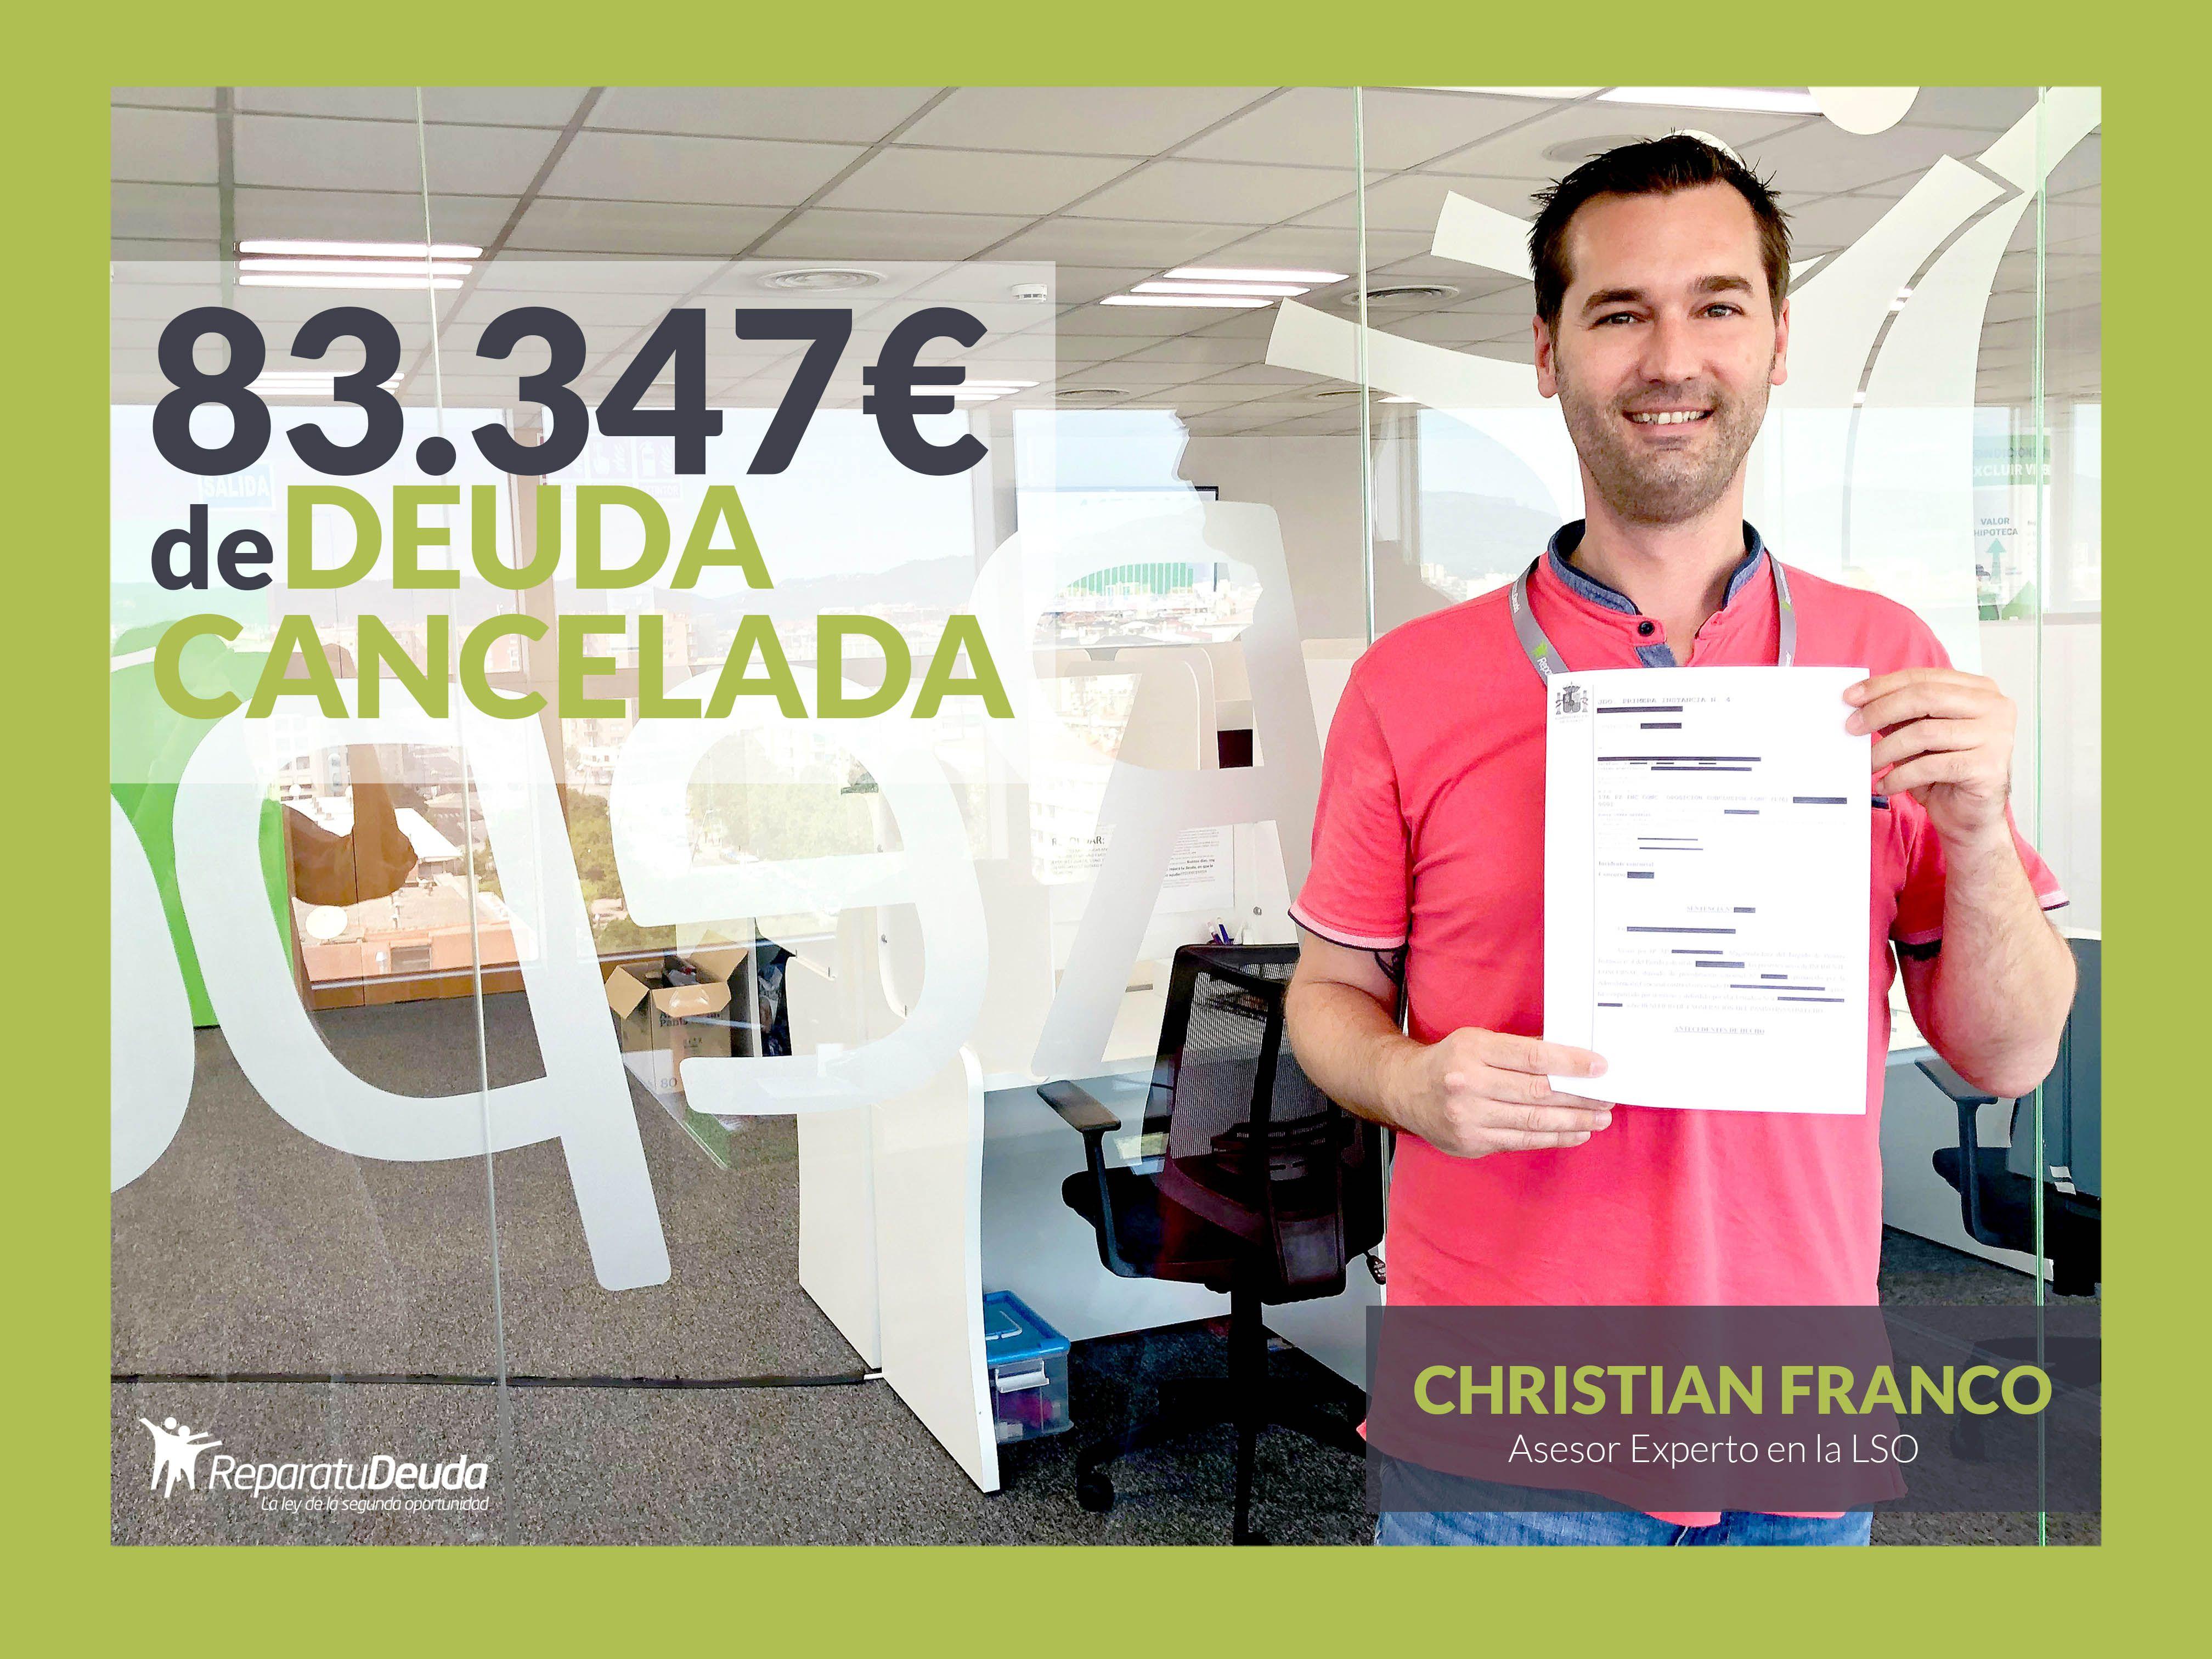 Repara tu Deuda cancela una deuda de 83.347? en Sevilla a un matrimonio con la Ley de Segunda Oportunidad